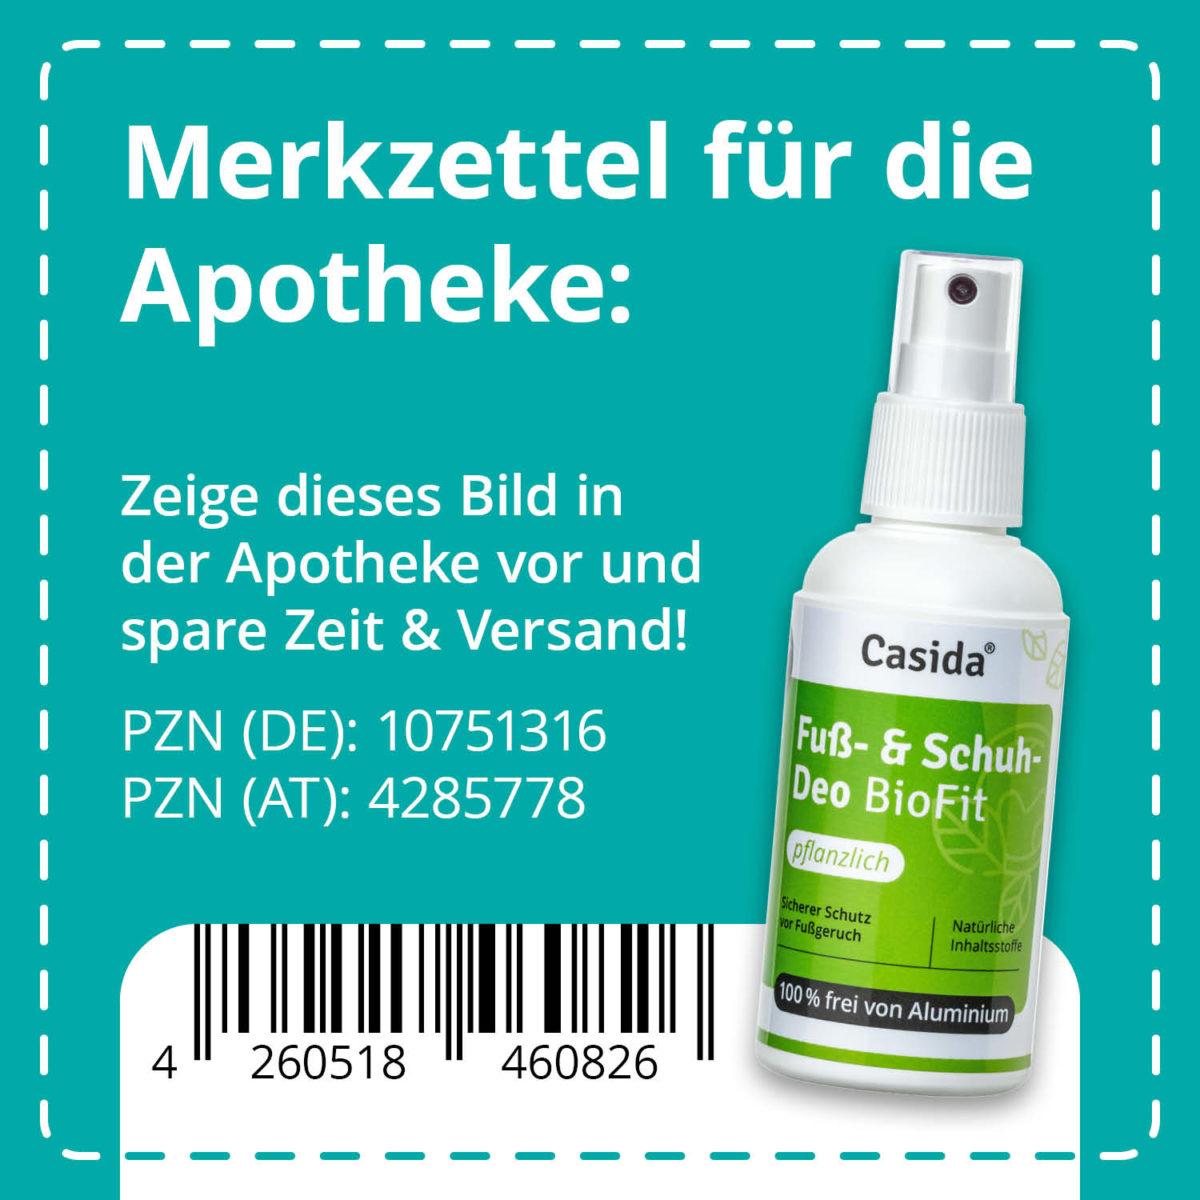 Casida Fuß- und Schuhdeo BioFit Pflanzlich 100 ml PZN DE 10751316 PZN AT 4285778 UVP 14,95 € EAN 4260518460826